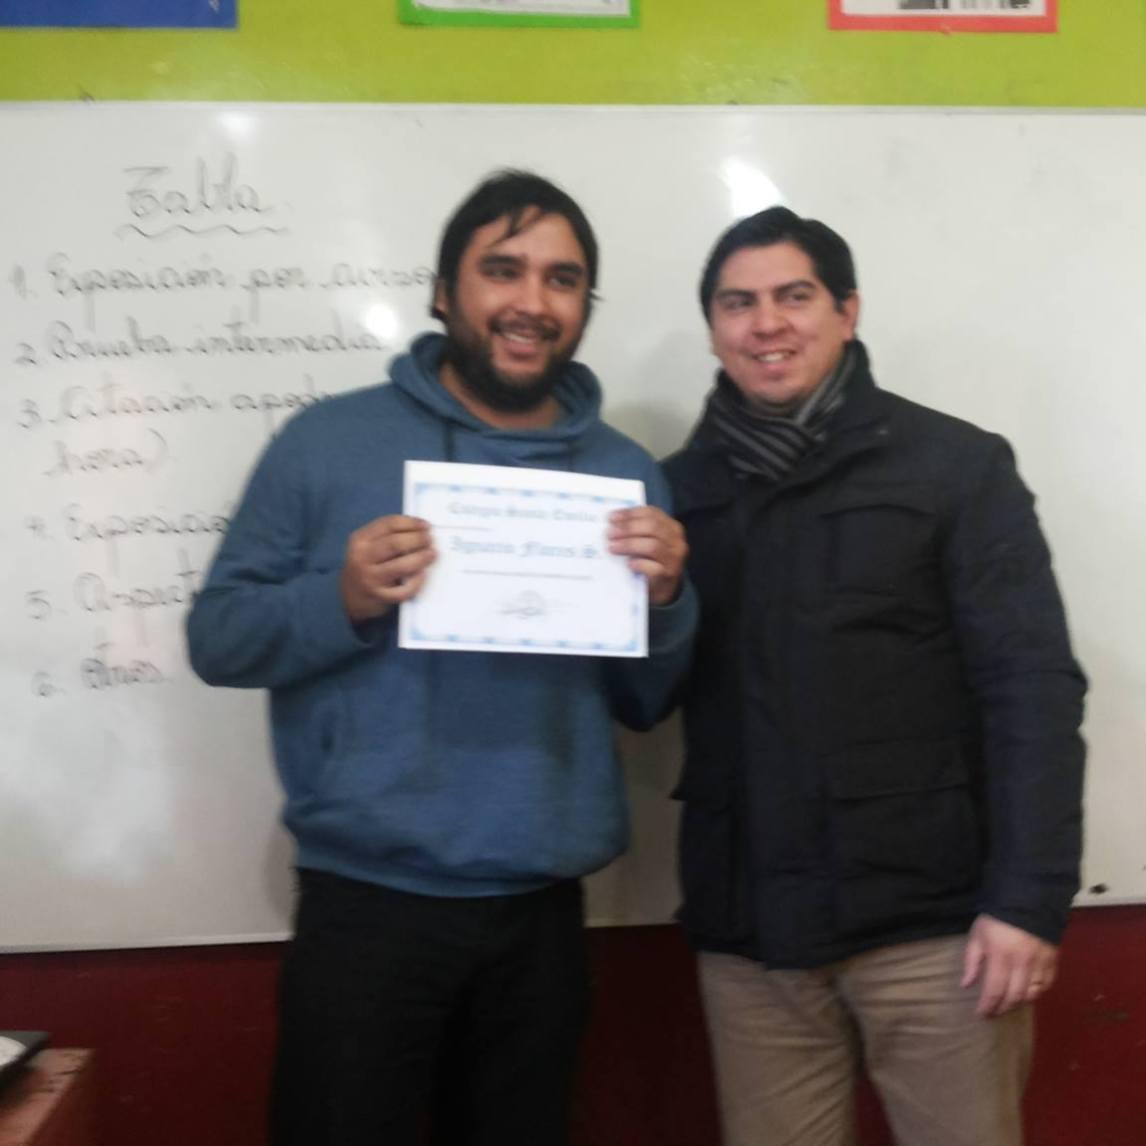 Profesor Ignacio recibe premio de profesor destacado del colegio Santa Emilia...Se destaca por su prudencia, esmero con sus alumnos en el área artística.